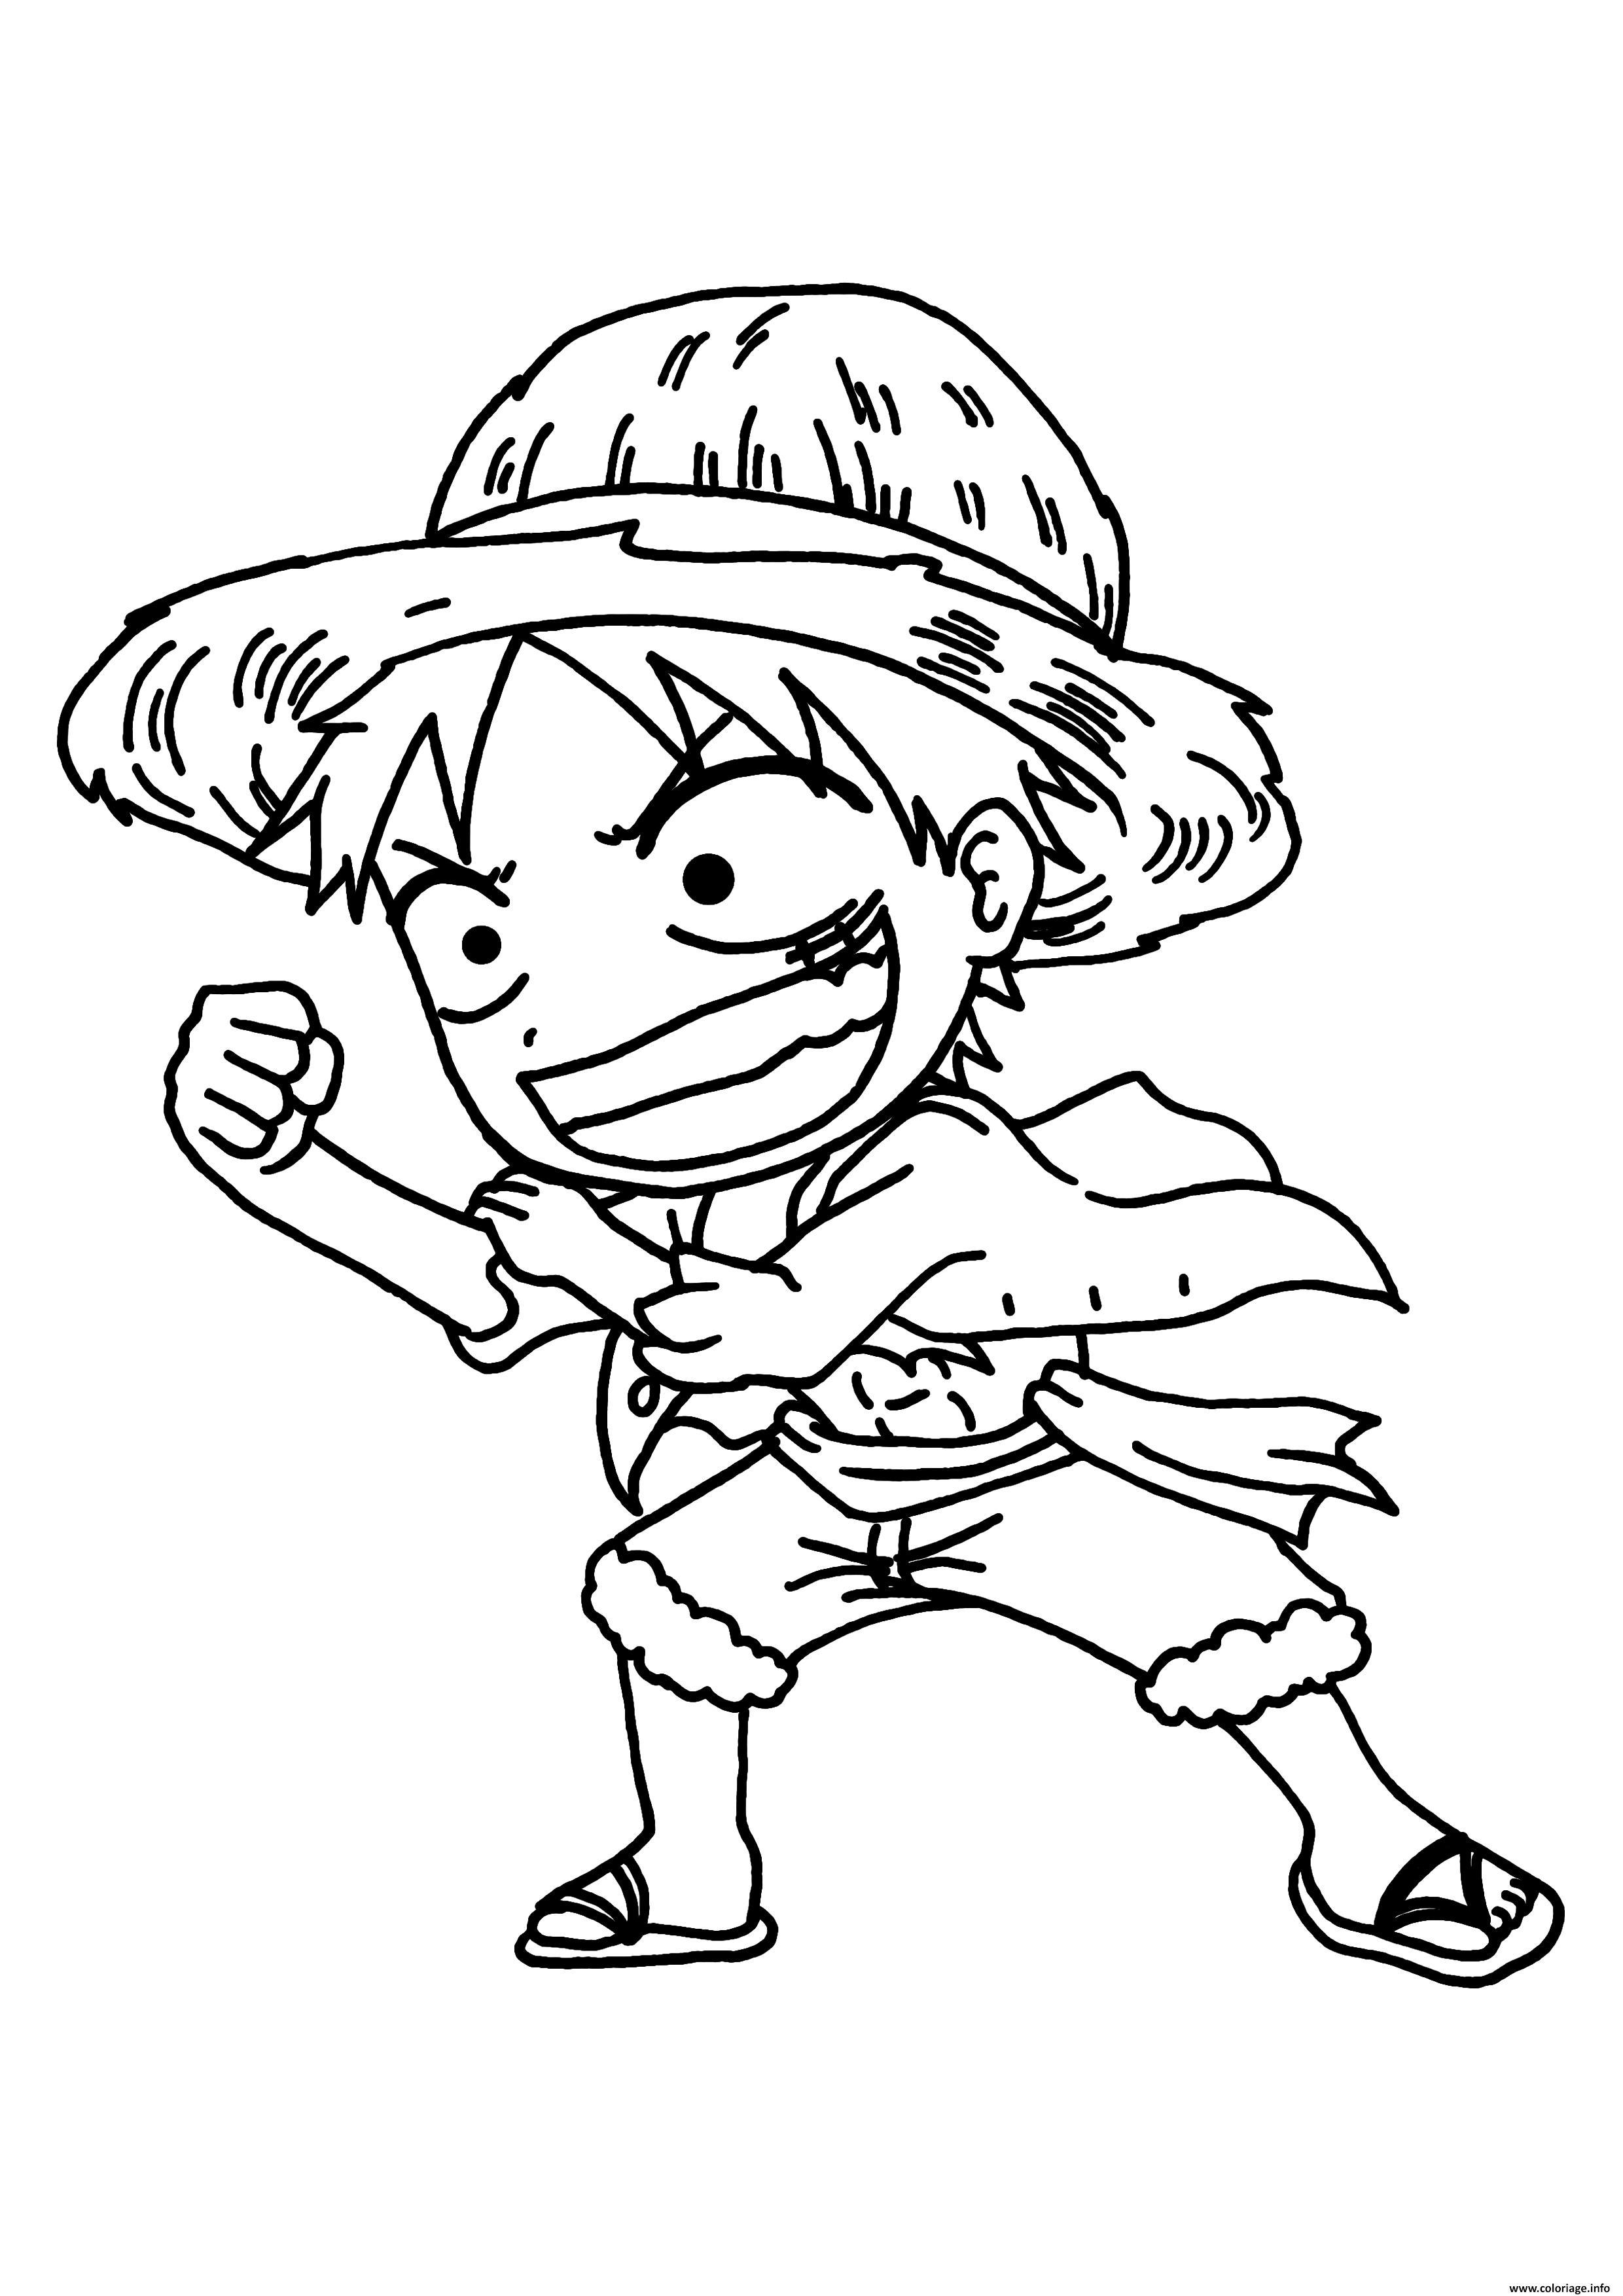 Meilleur De Dessin A Colorier En Ligne One Piece